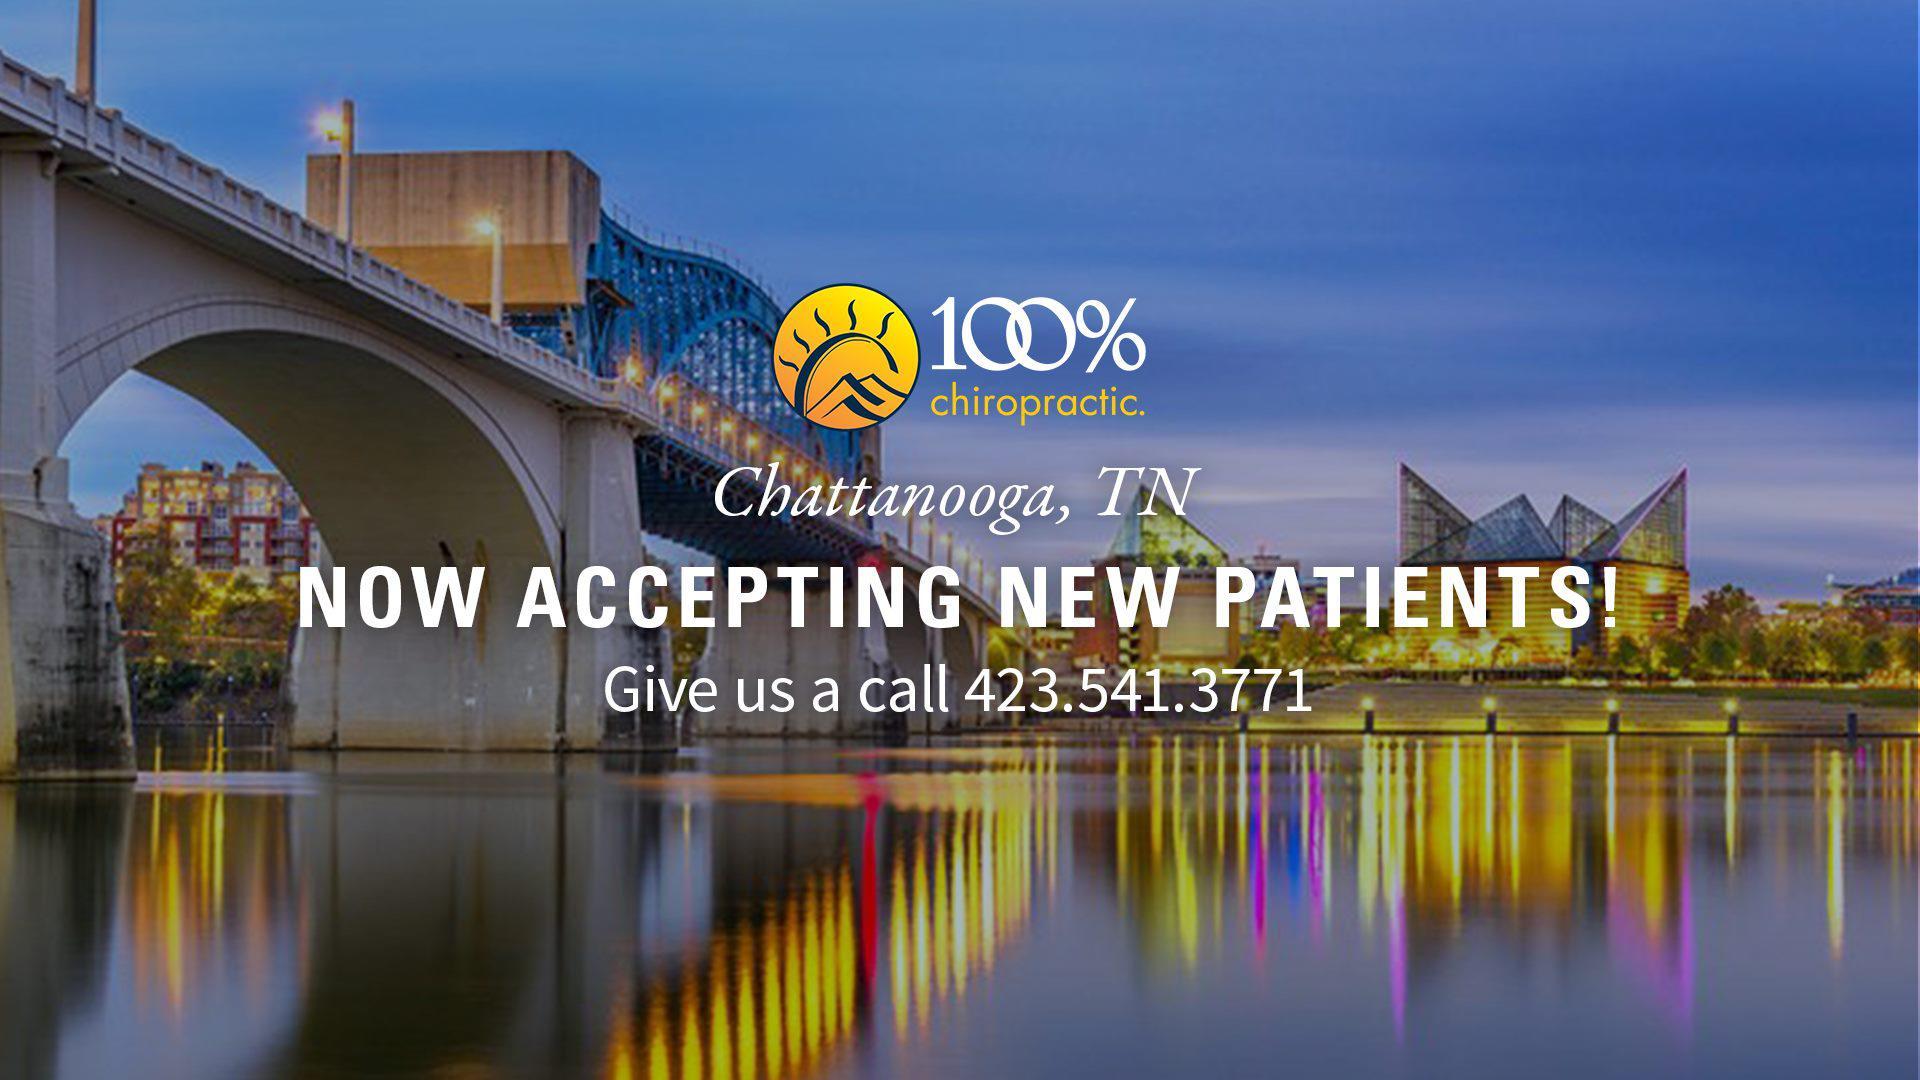 100% Chiropractic - Chattanooga